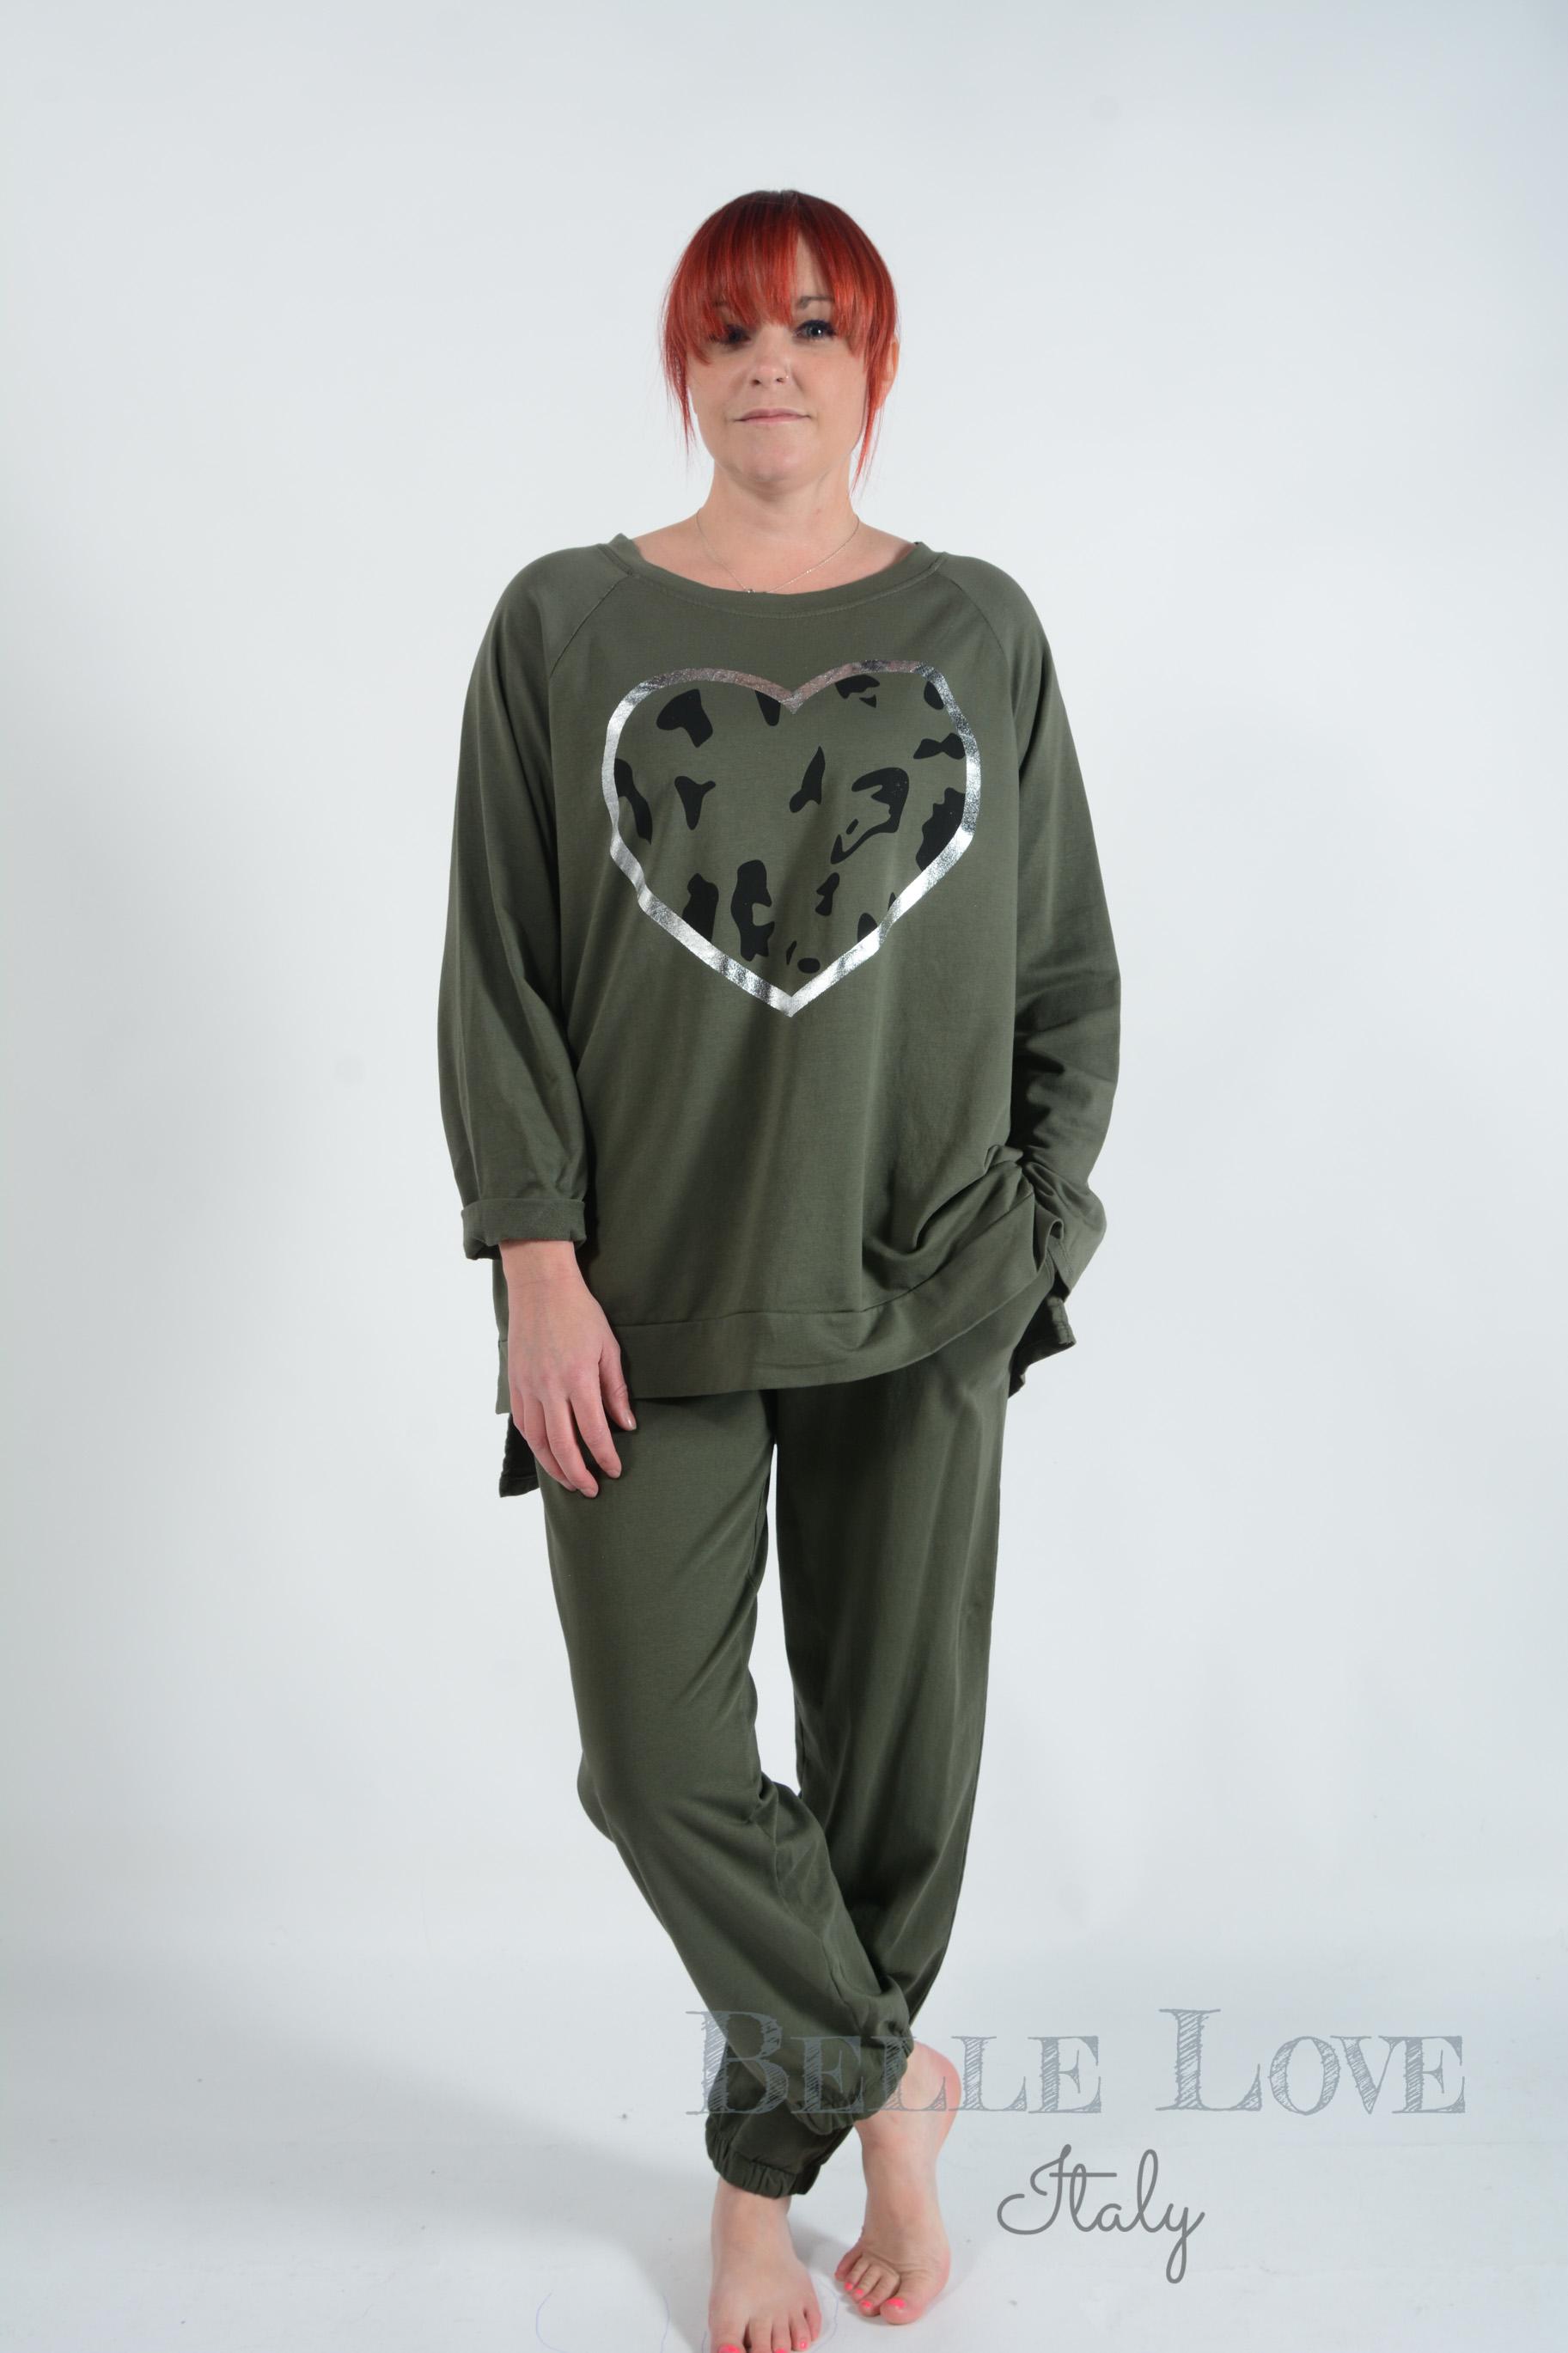 Belle Love Italy Ivy Leopard Heart Loungewear Tracksuit